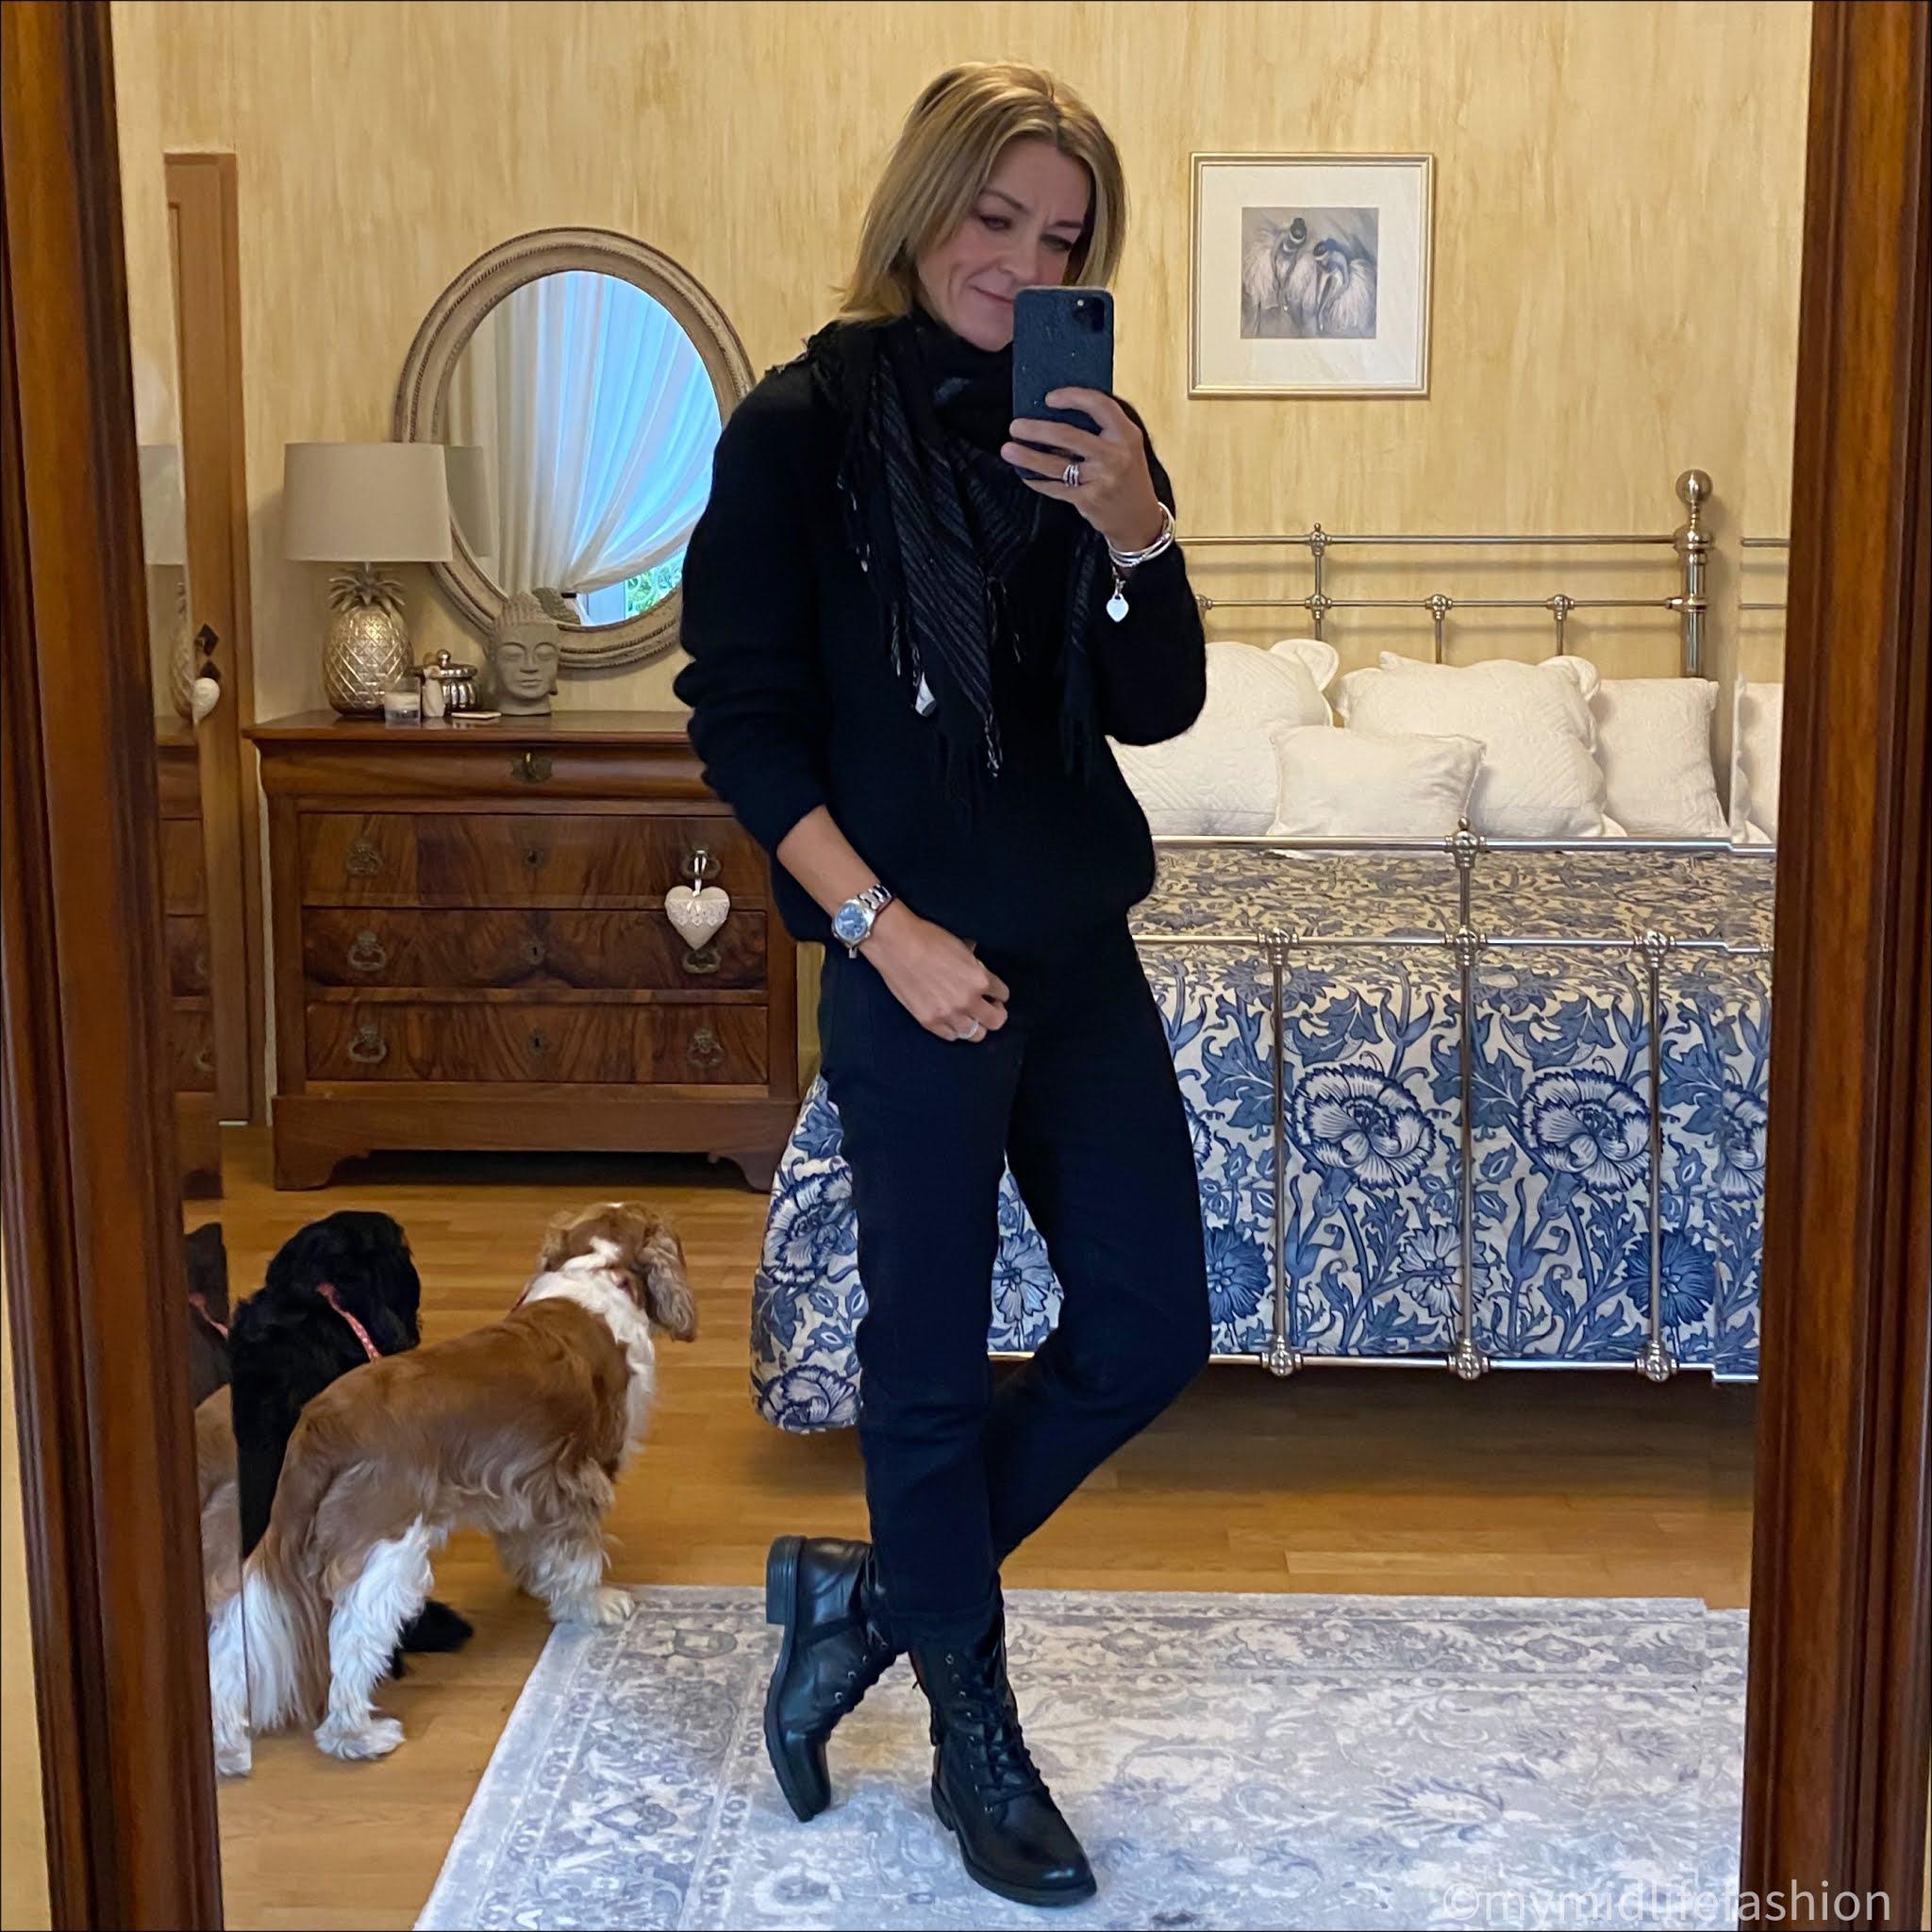 my midlife fashion, Carl Scarpa paulette  blank  ankle boots, Isabel Marant scarf, acne studios crew neck jumper, baukjen boyfriend jeans